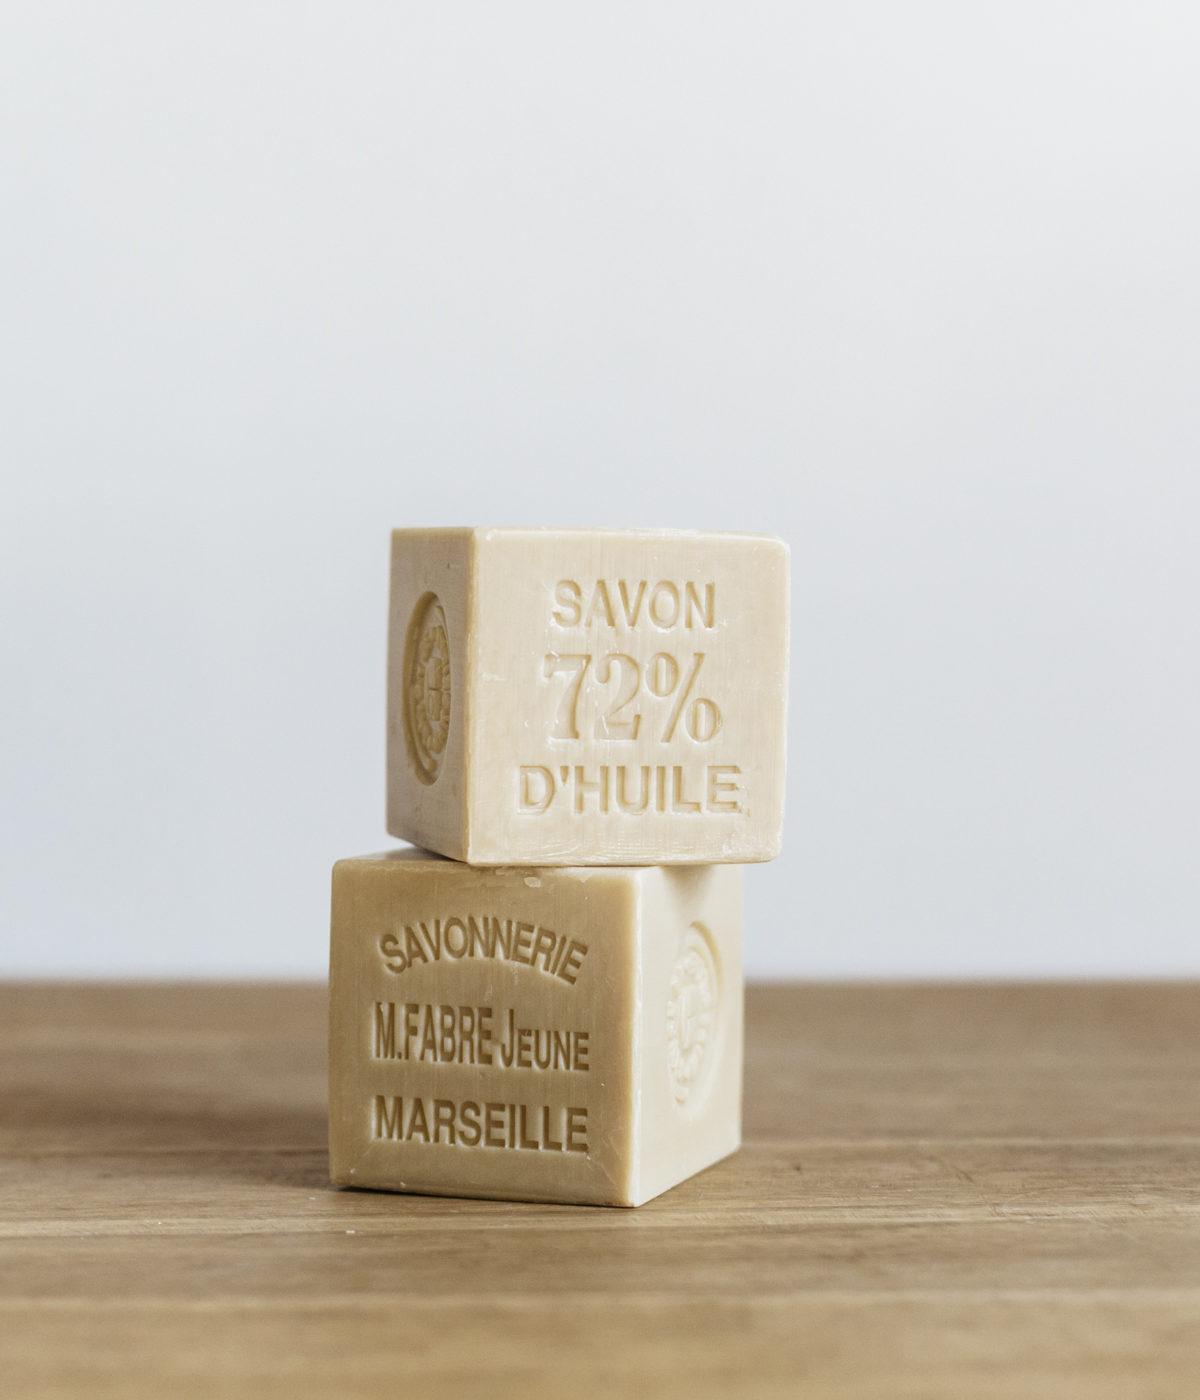 vrai savon de marseille authentique écologique avis marius fabre ingrédient test